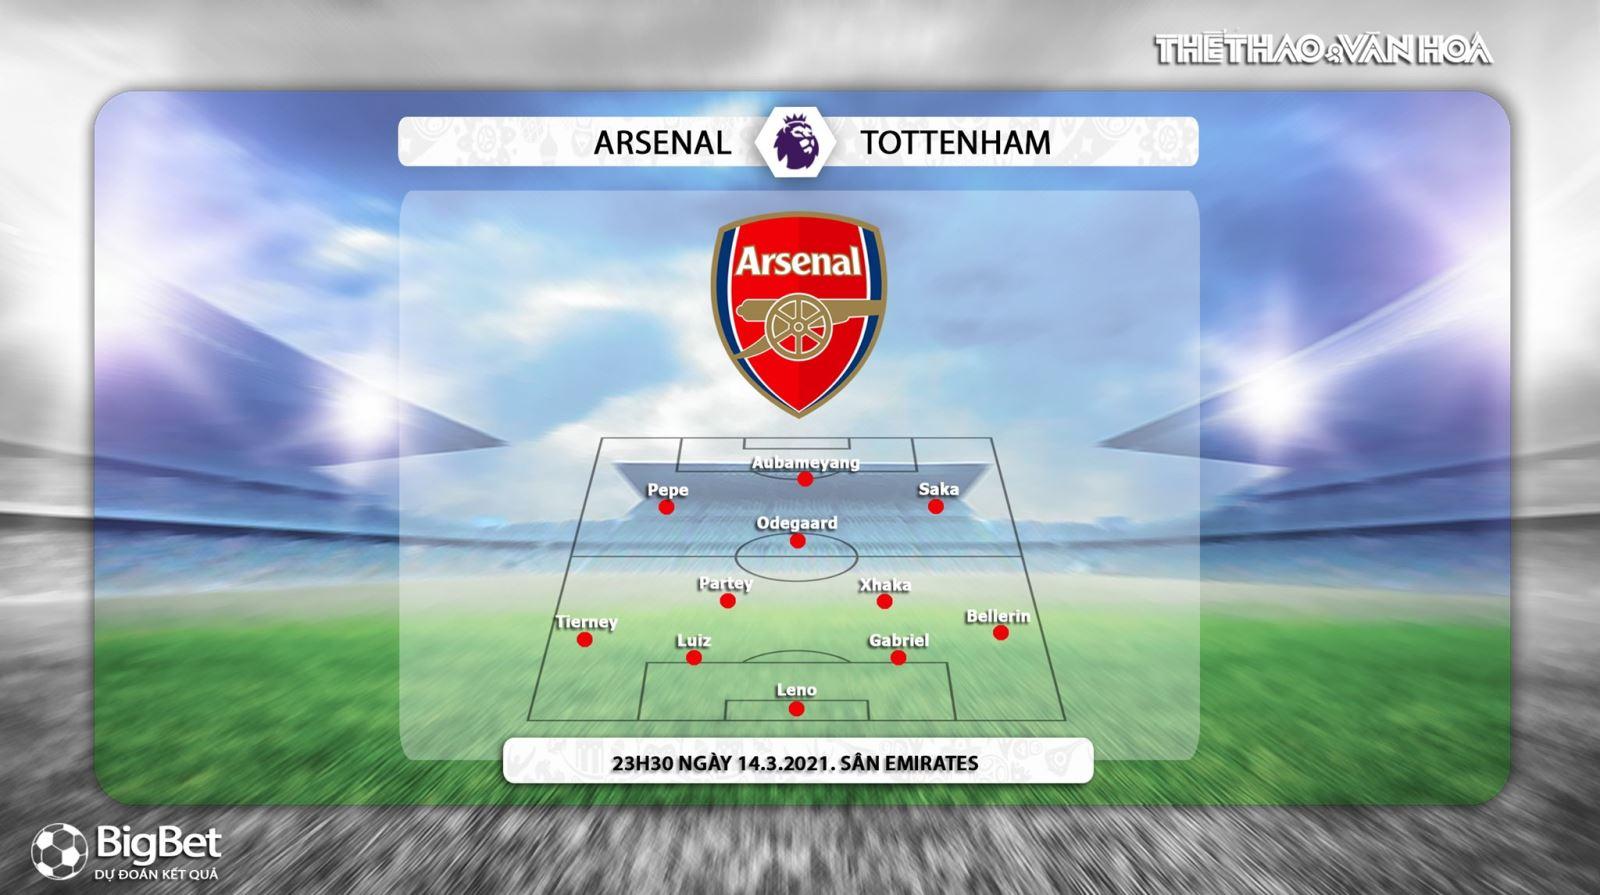 Keo nha cai, Kèo nhà cái, Arsenal vs Tottenham, K+, K+PM trực tiếp Ngoại hạng Anh, Trực tiếp Arsenal, xem bóng đá trực tuyến, trực tiếp bóng đá Anh hôm nay, xem K+